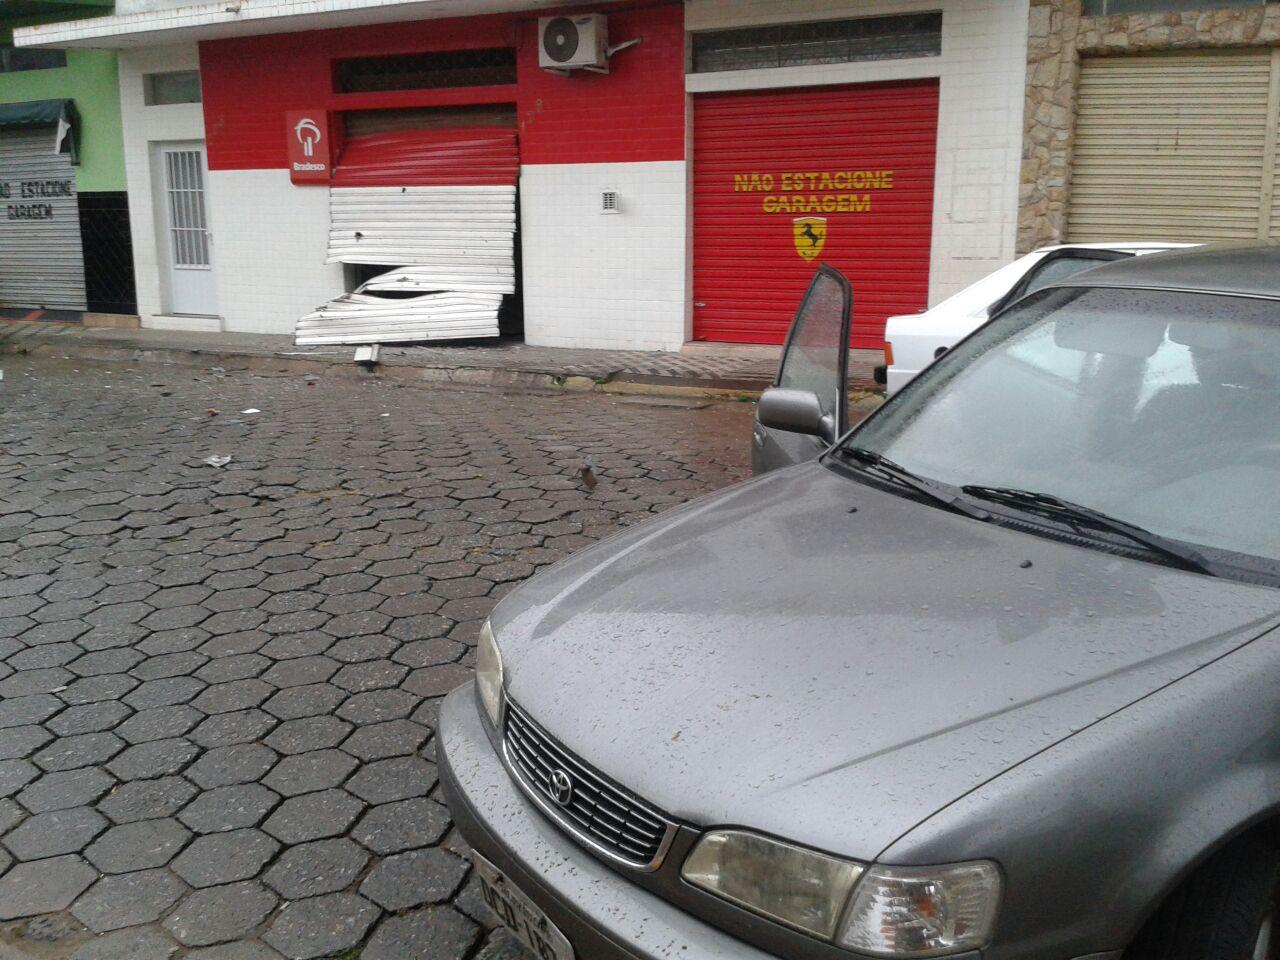 A agência bancária, que foi alvo da ação de criminosos na madrugada desta sexta-feira, em Piquete (Divulgação / PM)